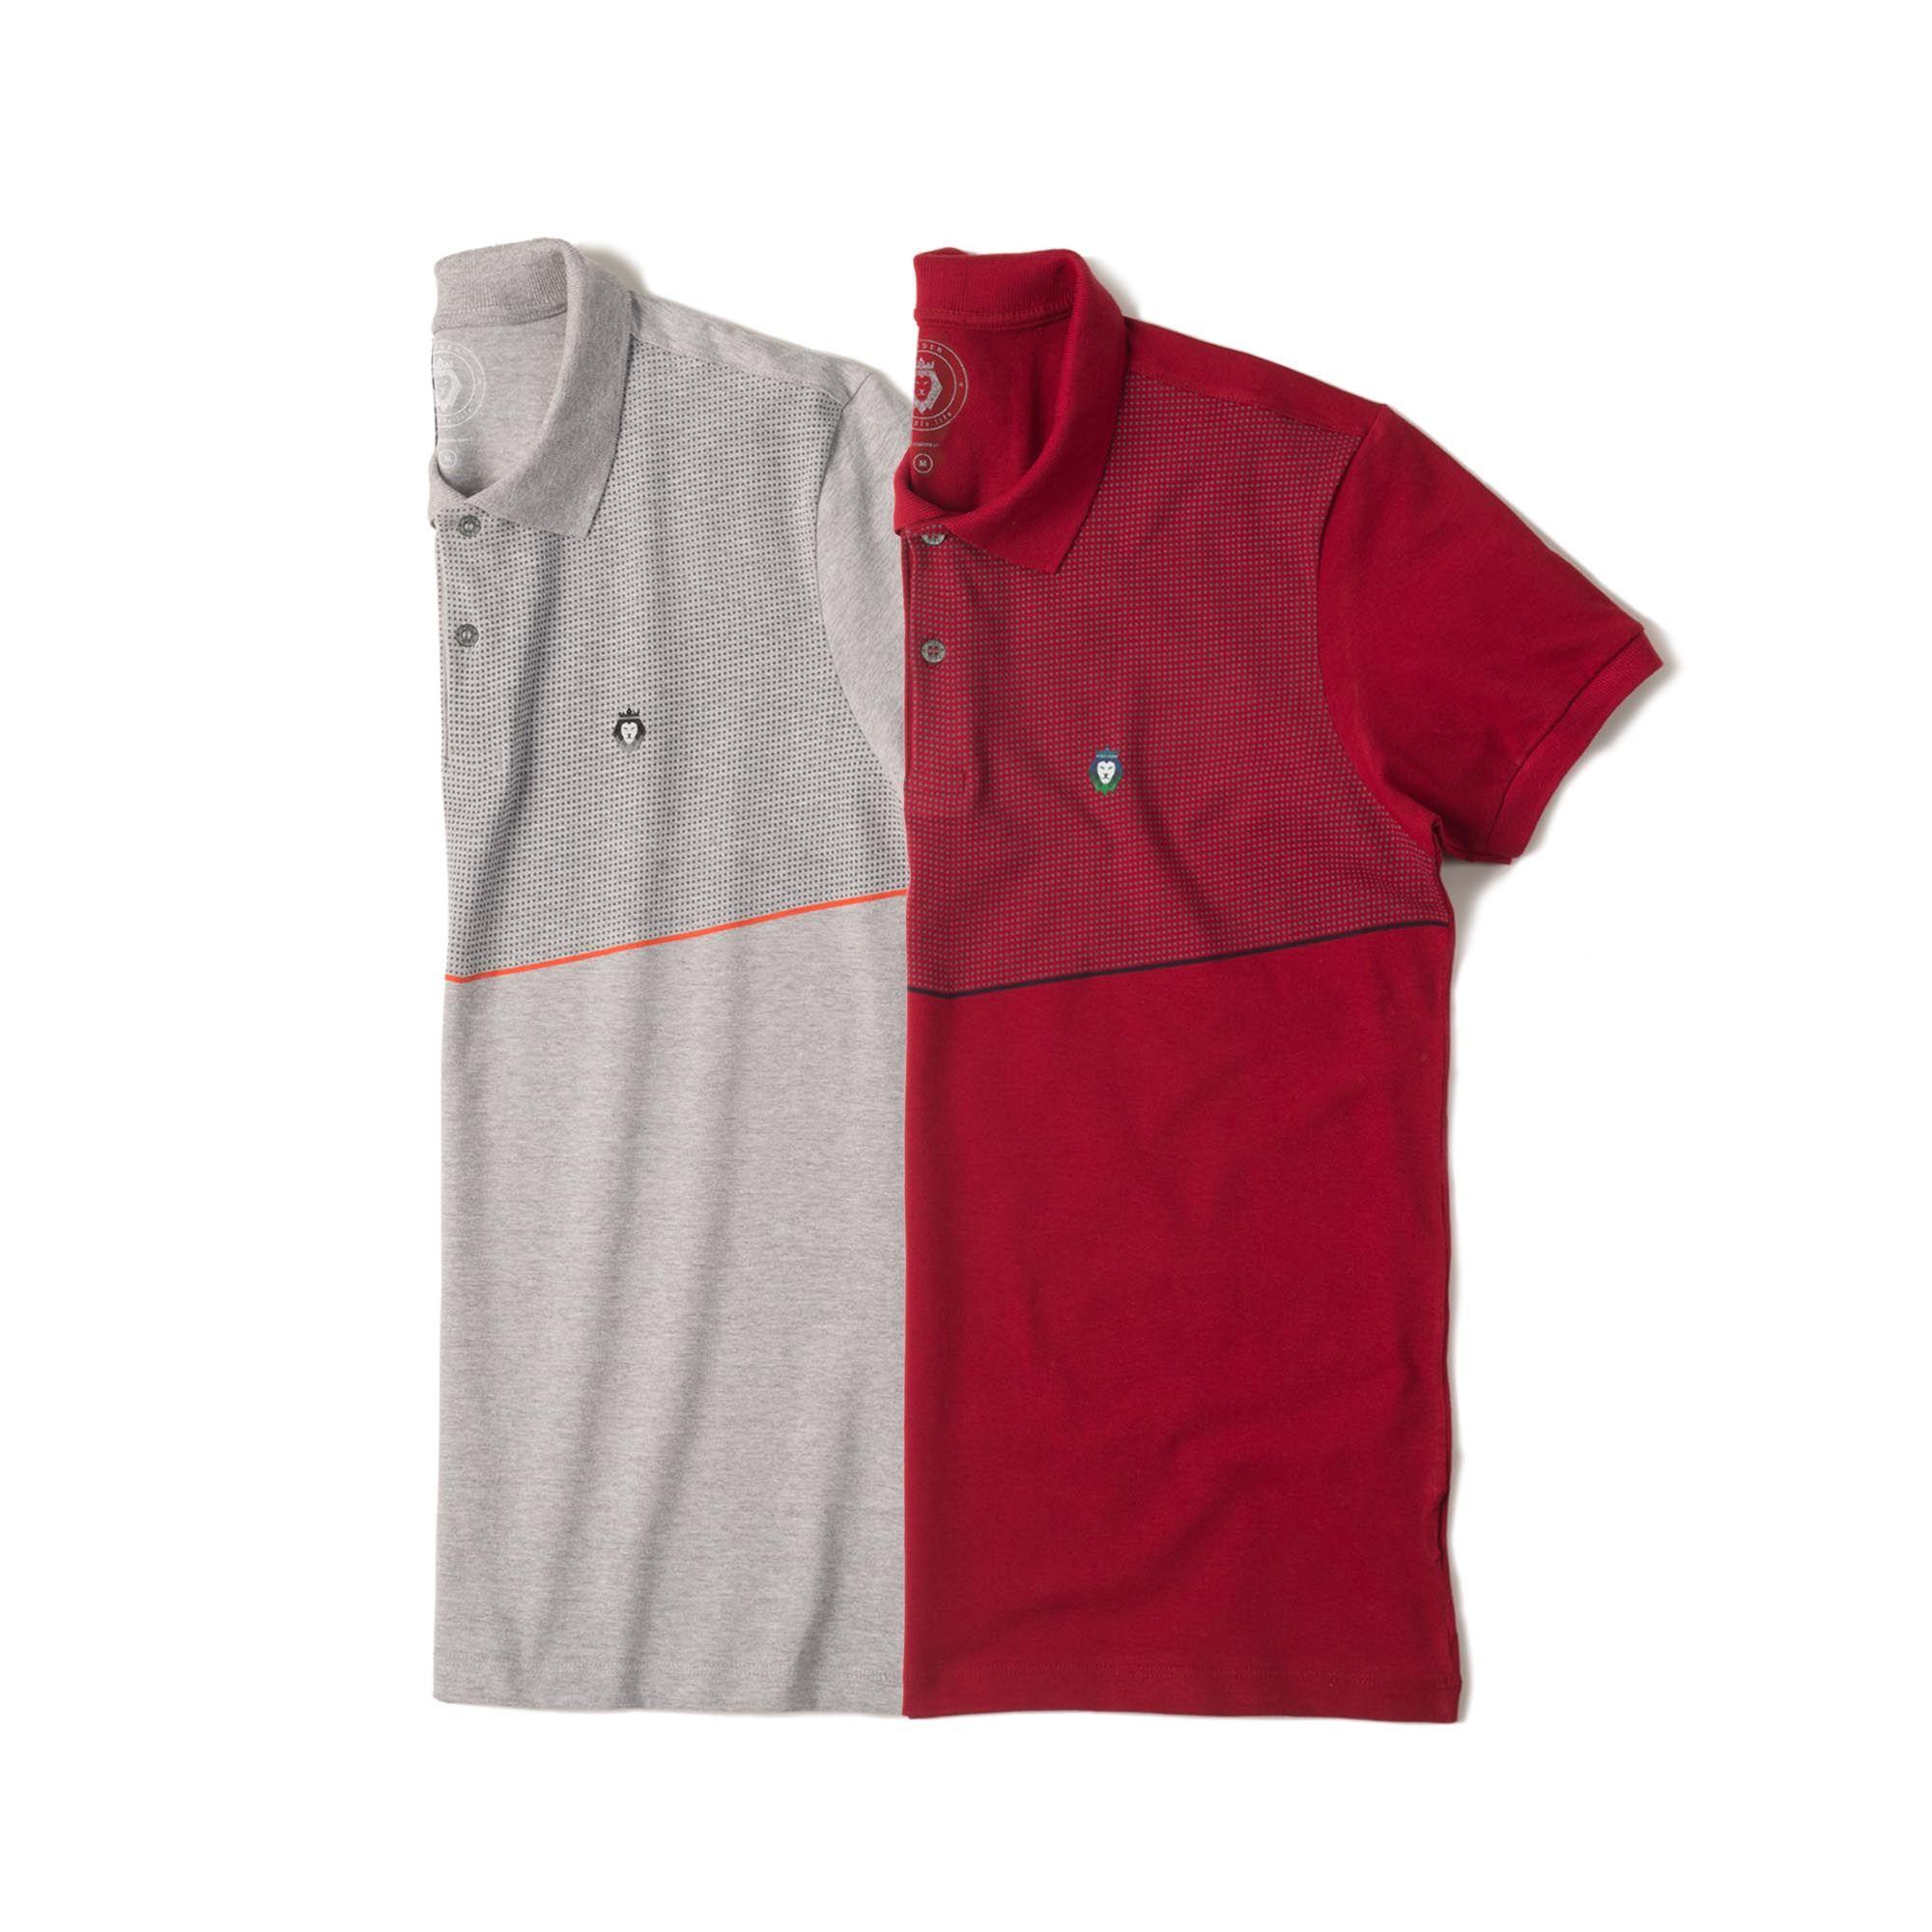 Kit 2 Camisas Polo Premium Zaiden Mescla Bordô Masculina